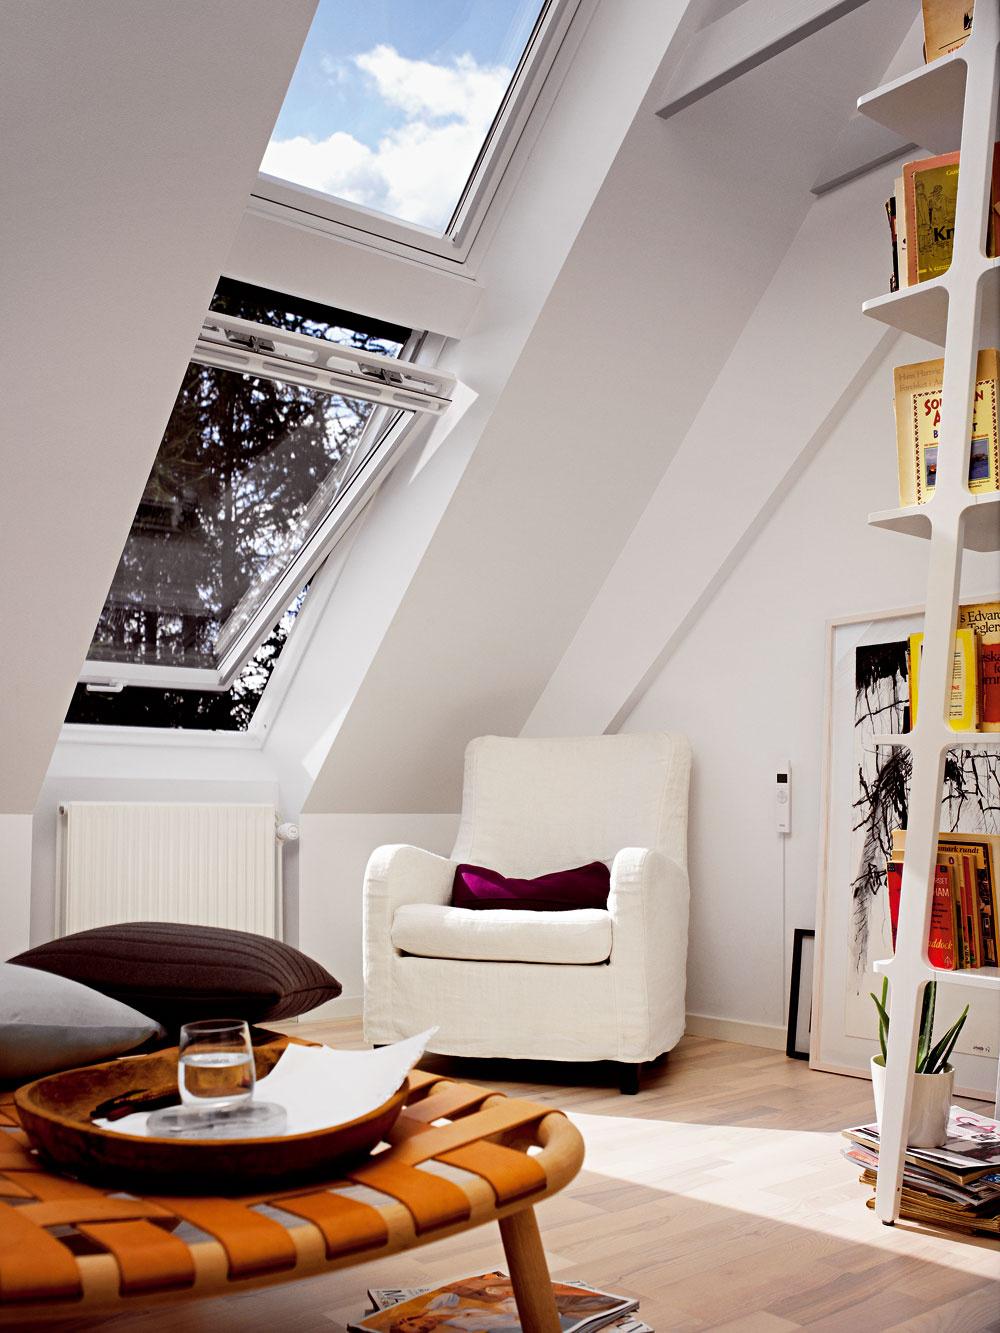 Vyberáme strešné okno Orientovať sa vširokej ponuke strešných okien nie je jednoduché. Navyše, je dôležité vybrať aj vhodné doplnky. Ako postupovať pri výbere? Na začiatku sa musíte rozhodnúť, zakého materiálu chcete mať strešné okná, či uprednostňujete drevo, alebo plast. Drevené okná predstavujú klasiku, ide oprírodný, teplý materiál, ktorý prispeje kvytvoreniu útulnej atmosféry rovnako vstarom dome po rekonštrukcii na dedine, ako aj vmodernej mestskej zástavbe. Plastové strešné okná sú bezúdržbové aodolné proti zvýšenej vlhkosti vinteriéri, napríklad vkúpeľni alebo kuchyni. Uplatnenie nájdu všade tam, kde sa kladie dôraz na eleganciu akde biele okná ladia so zariadením interiéru. Montáž strešných okien adoplnkov je najlepšie zveriť niektorej firme zo zoznamu certifikovaných montážnych firiem.